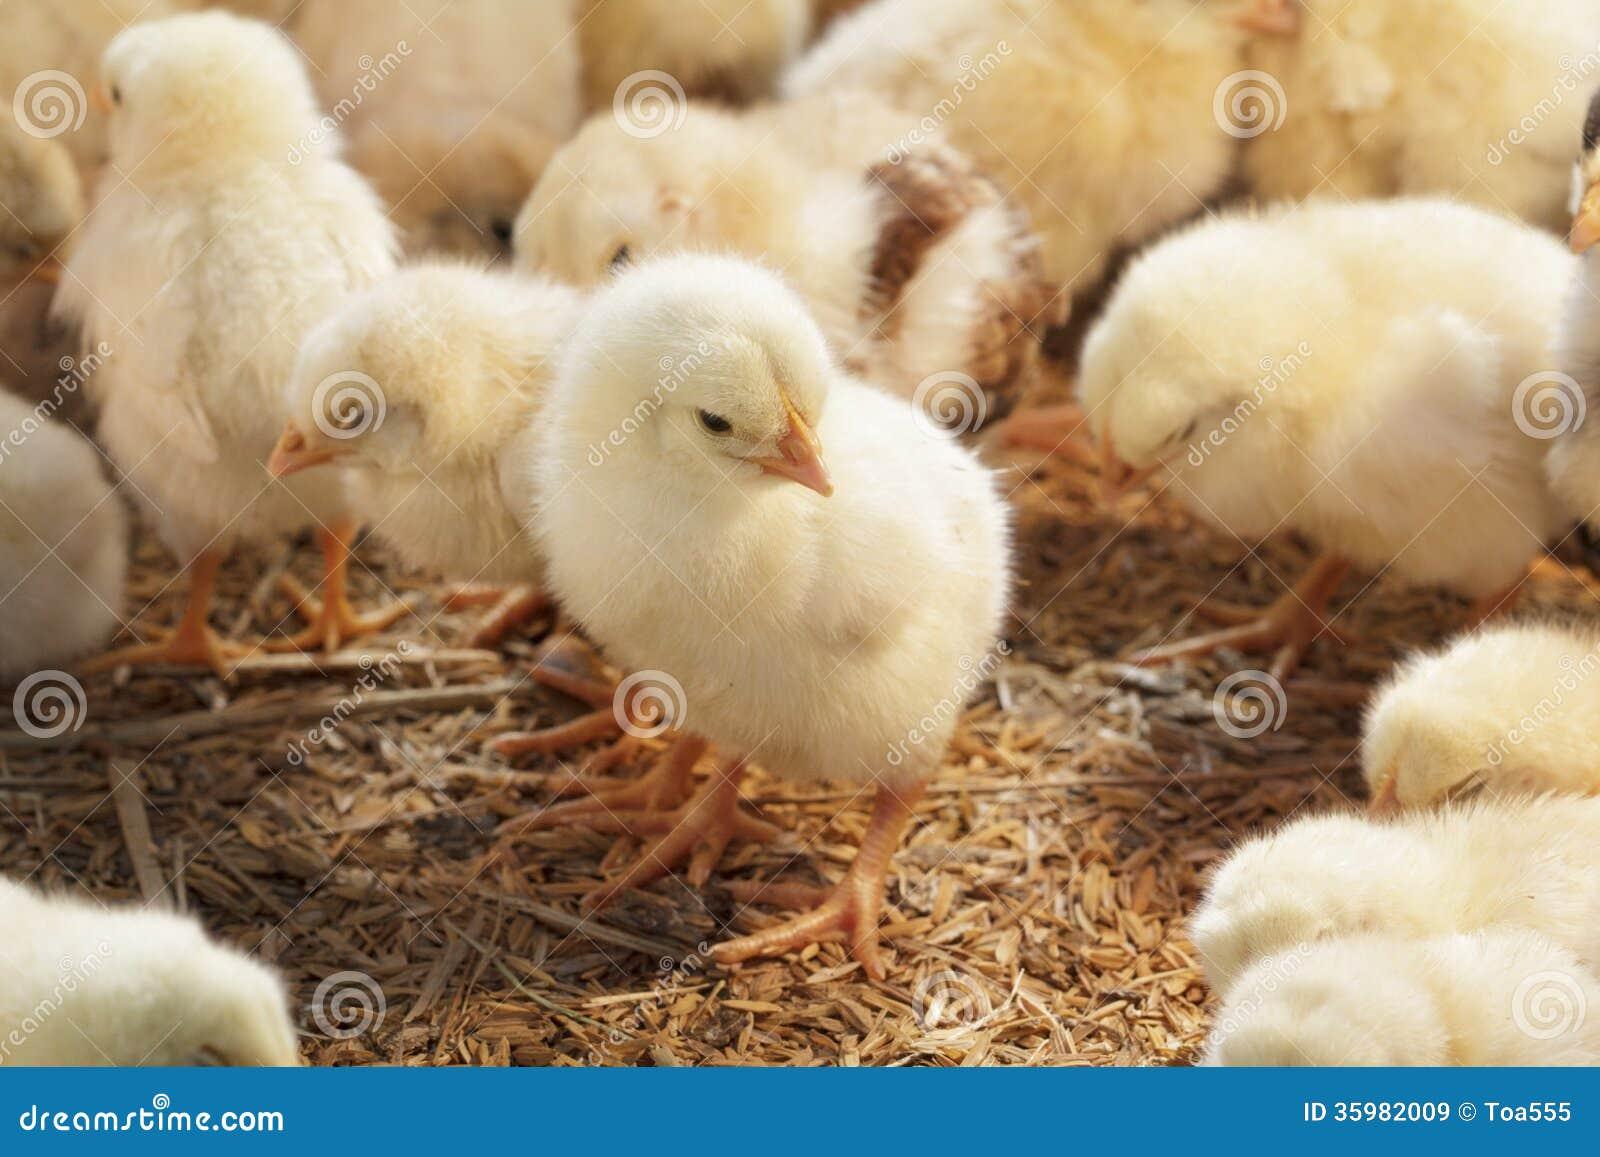 Pollo del bebé en granja avícola